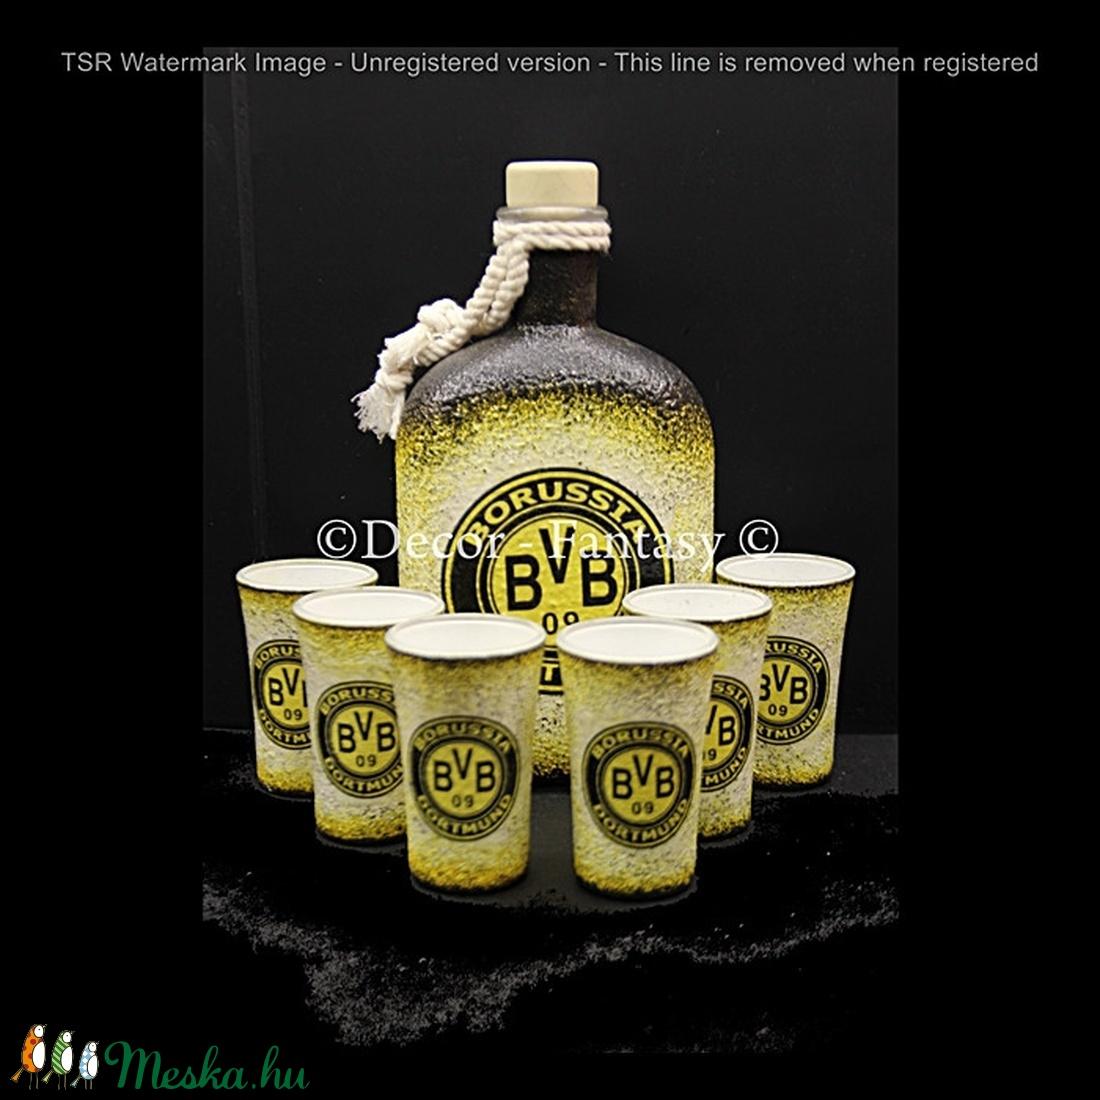 Borussia Dortmund  emblémával díszített   italos szett ( 0,5 l üveg + 6x45ml pohár )  (decorfantasy) - Meska.hu